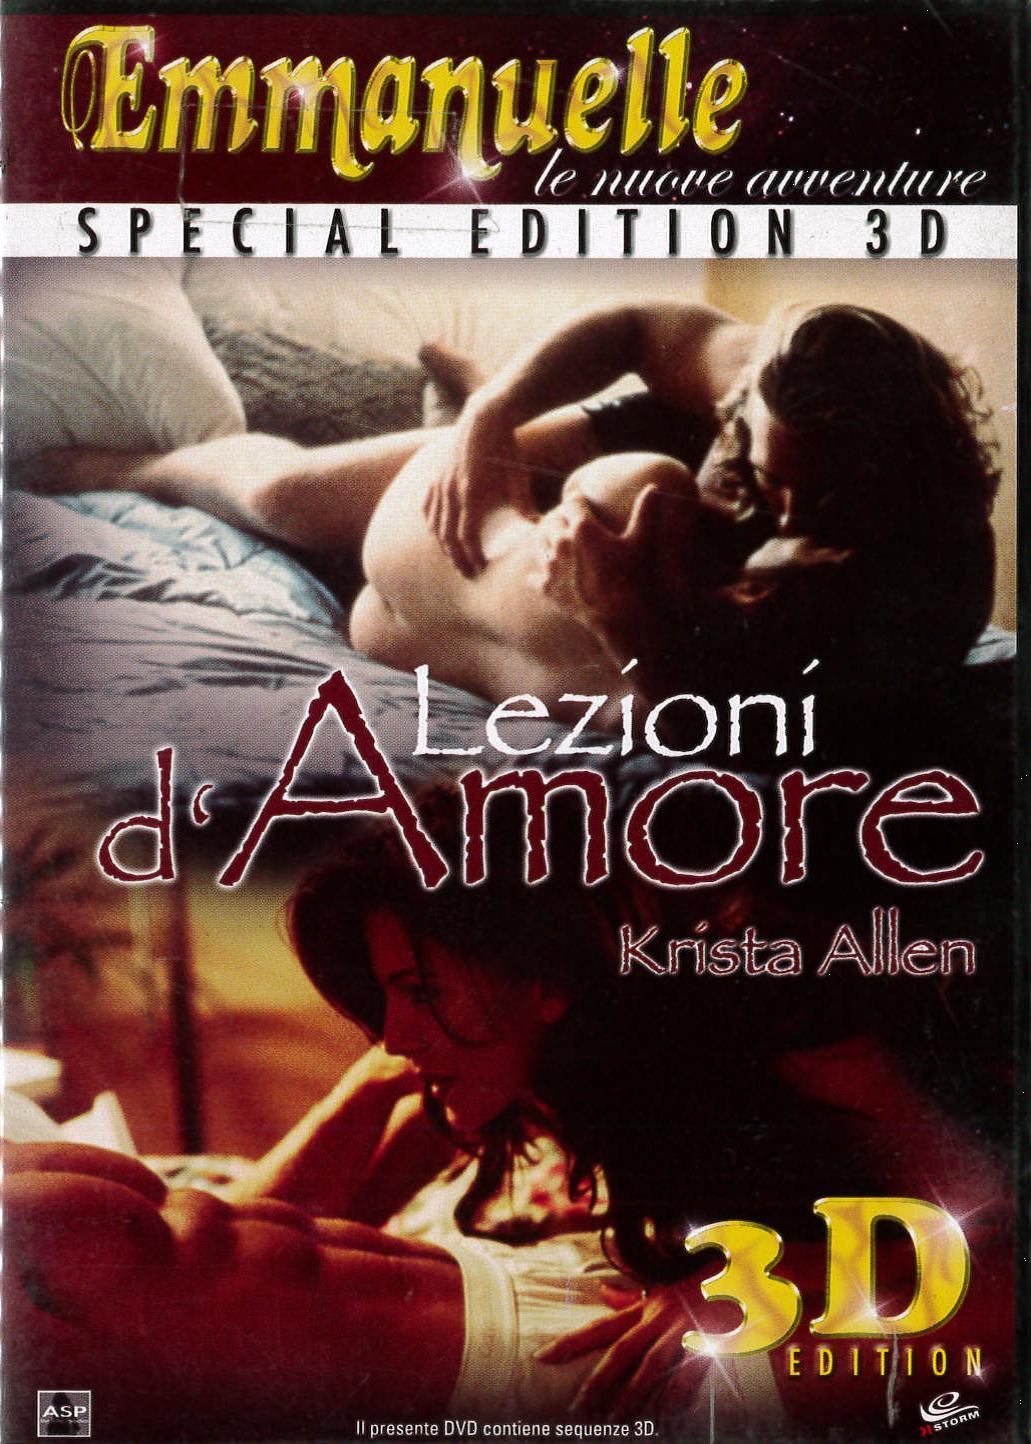 EMMANUELLE LEZIONI D'AMORE - EX NOLEGGIO (DVD)